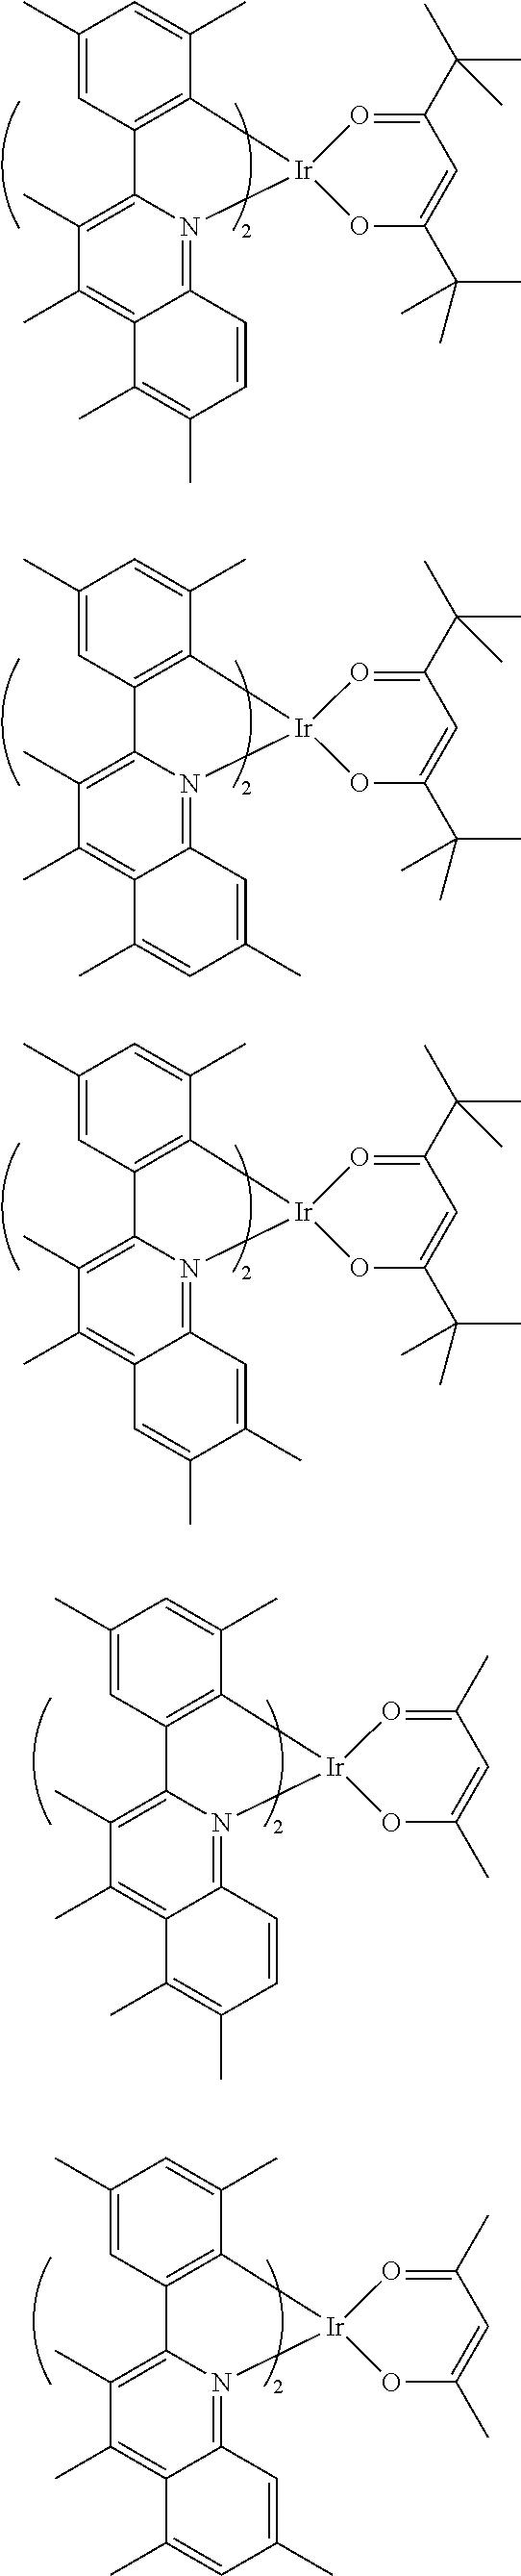 Figure US09324958-20160426-C00045